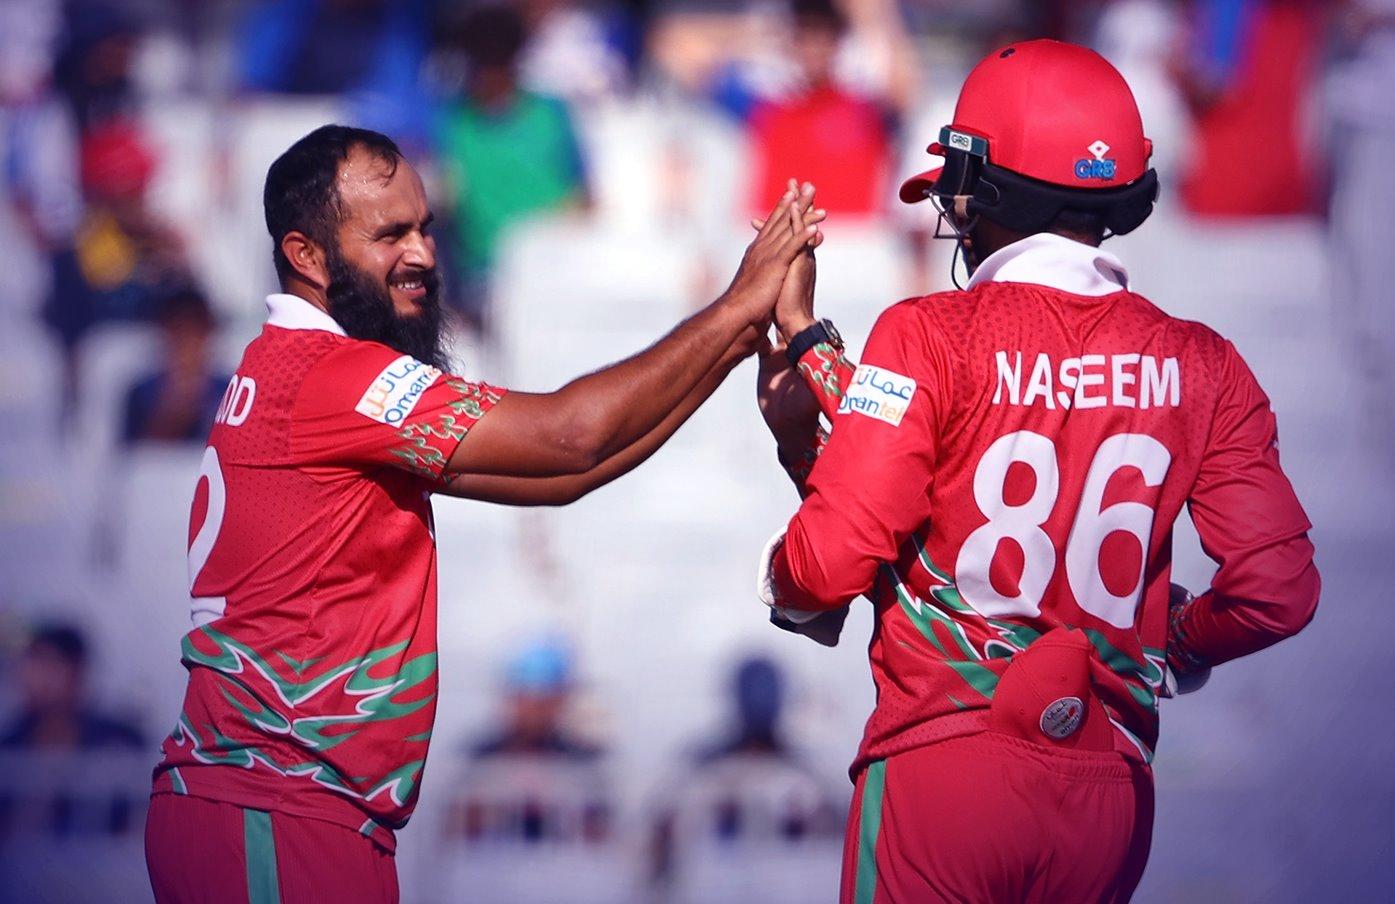 टी-२० विश्वकपमा ओमानको सानदार सुरुवात, पीएनजी १० विकेटले पराजित